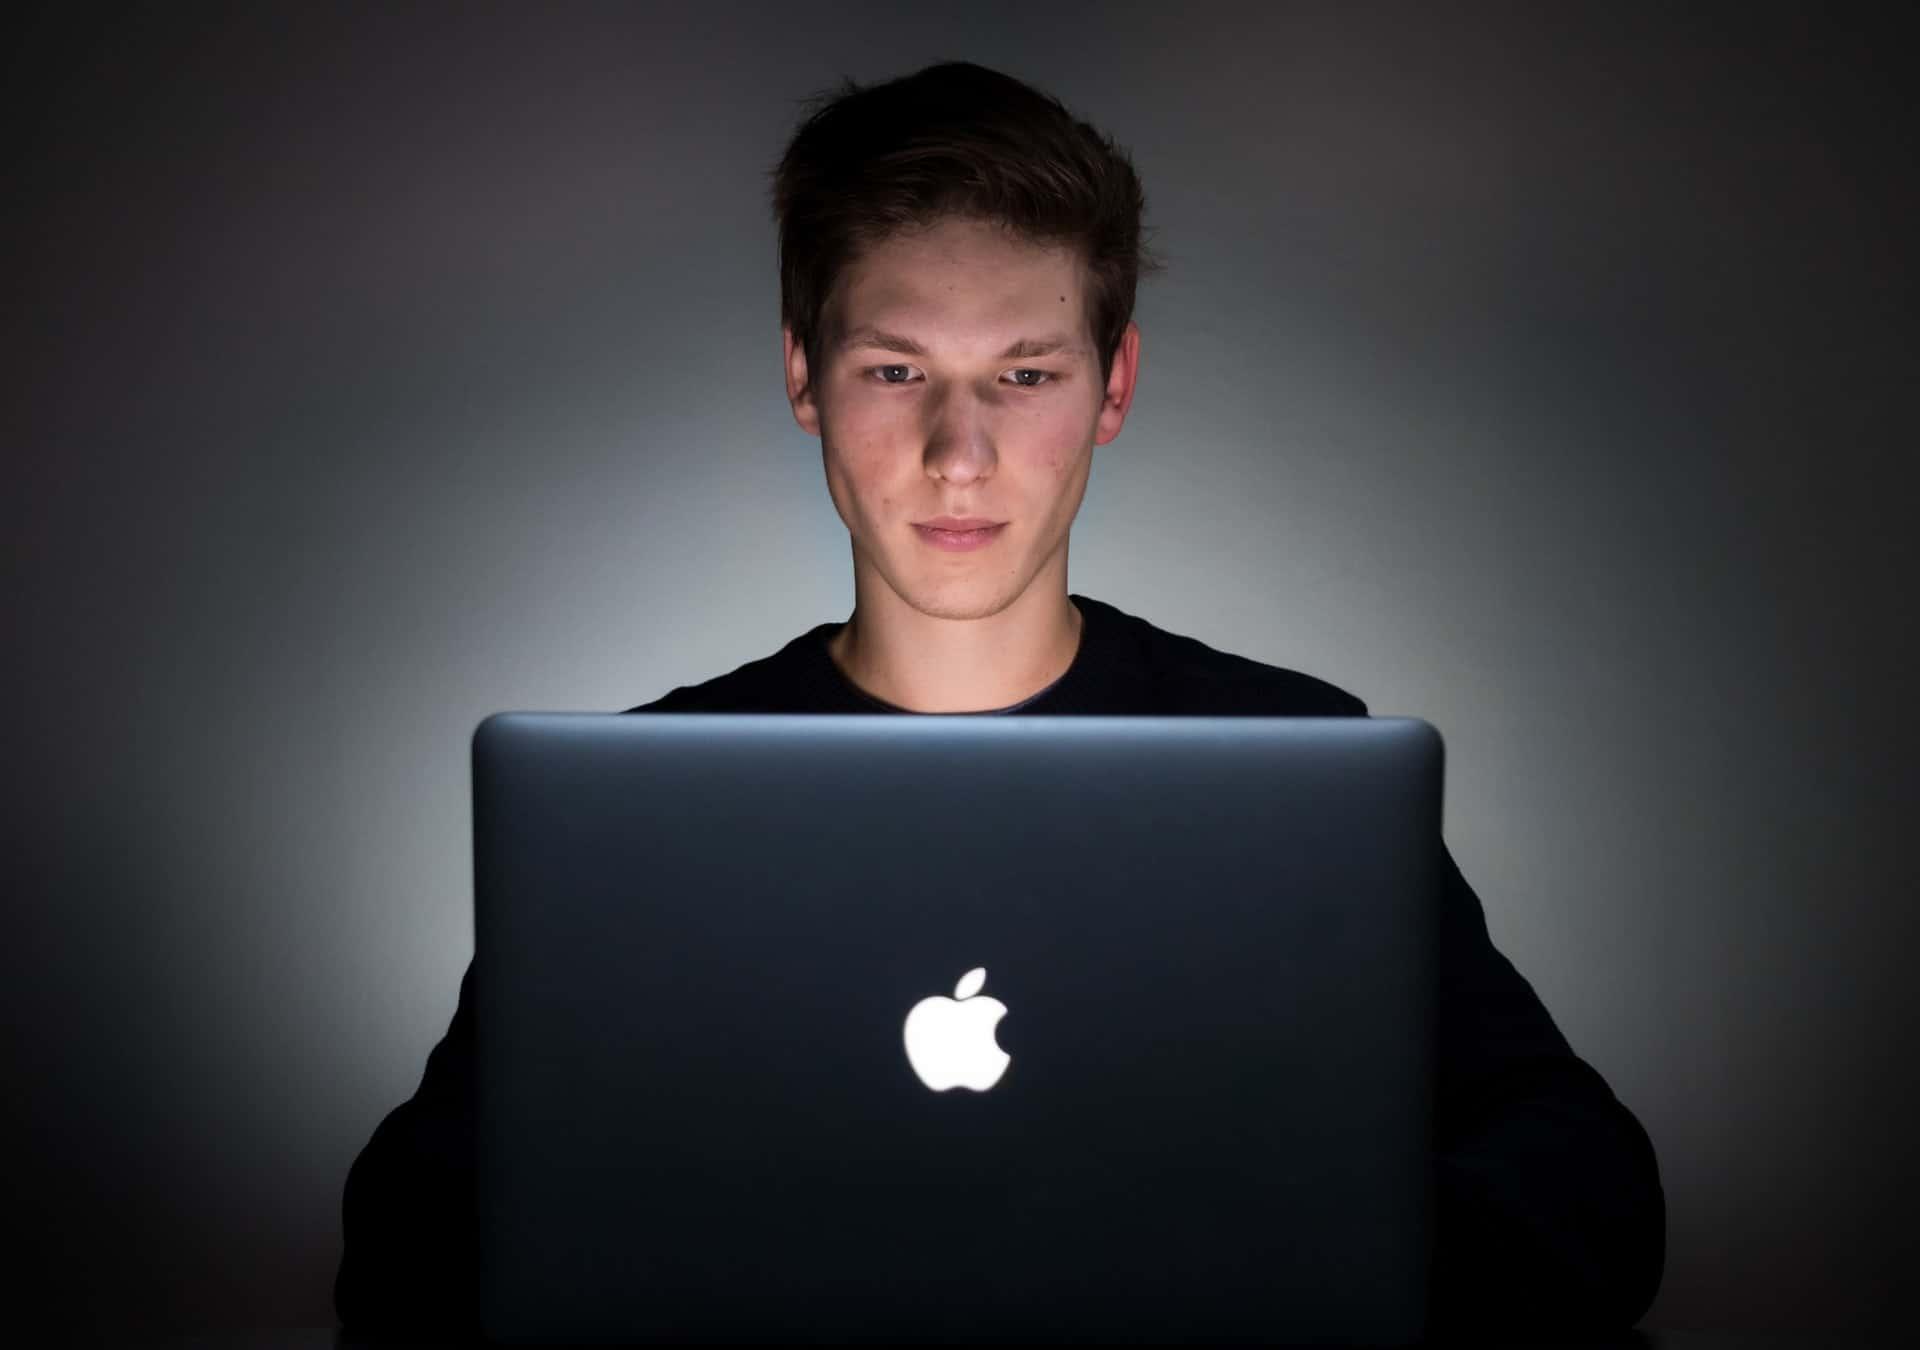 Does Laptop baclight Damage the Eyes?